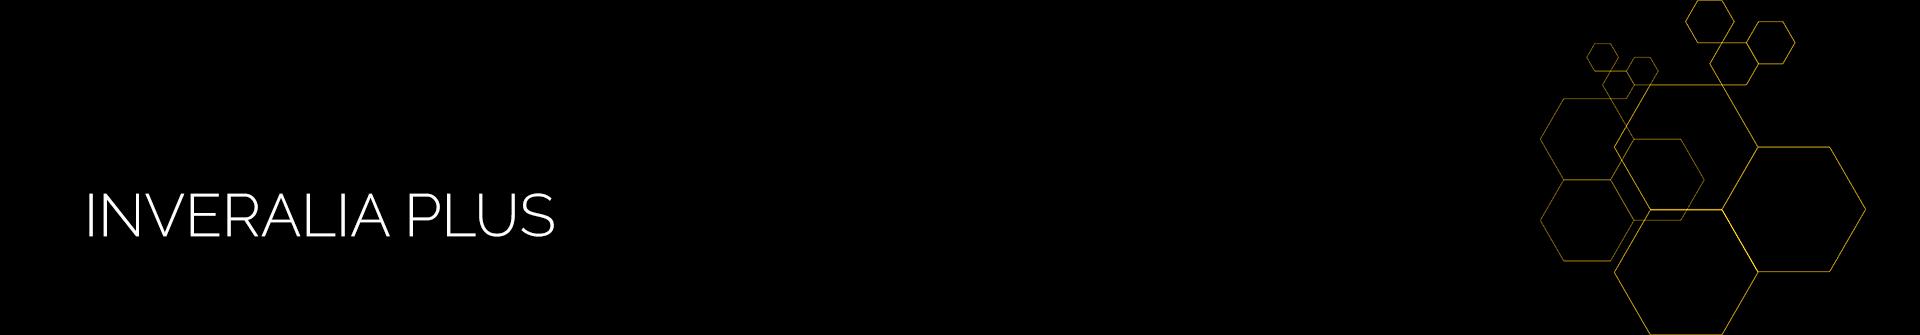 Inveralia Plus